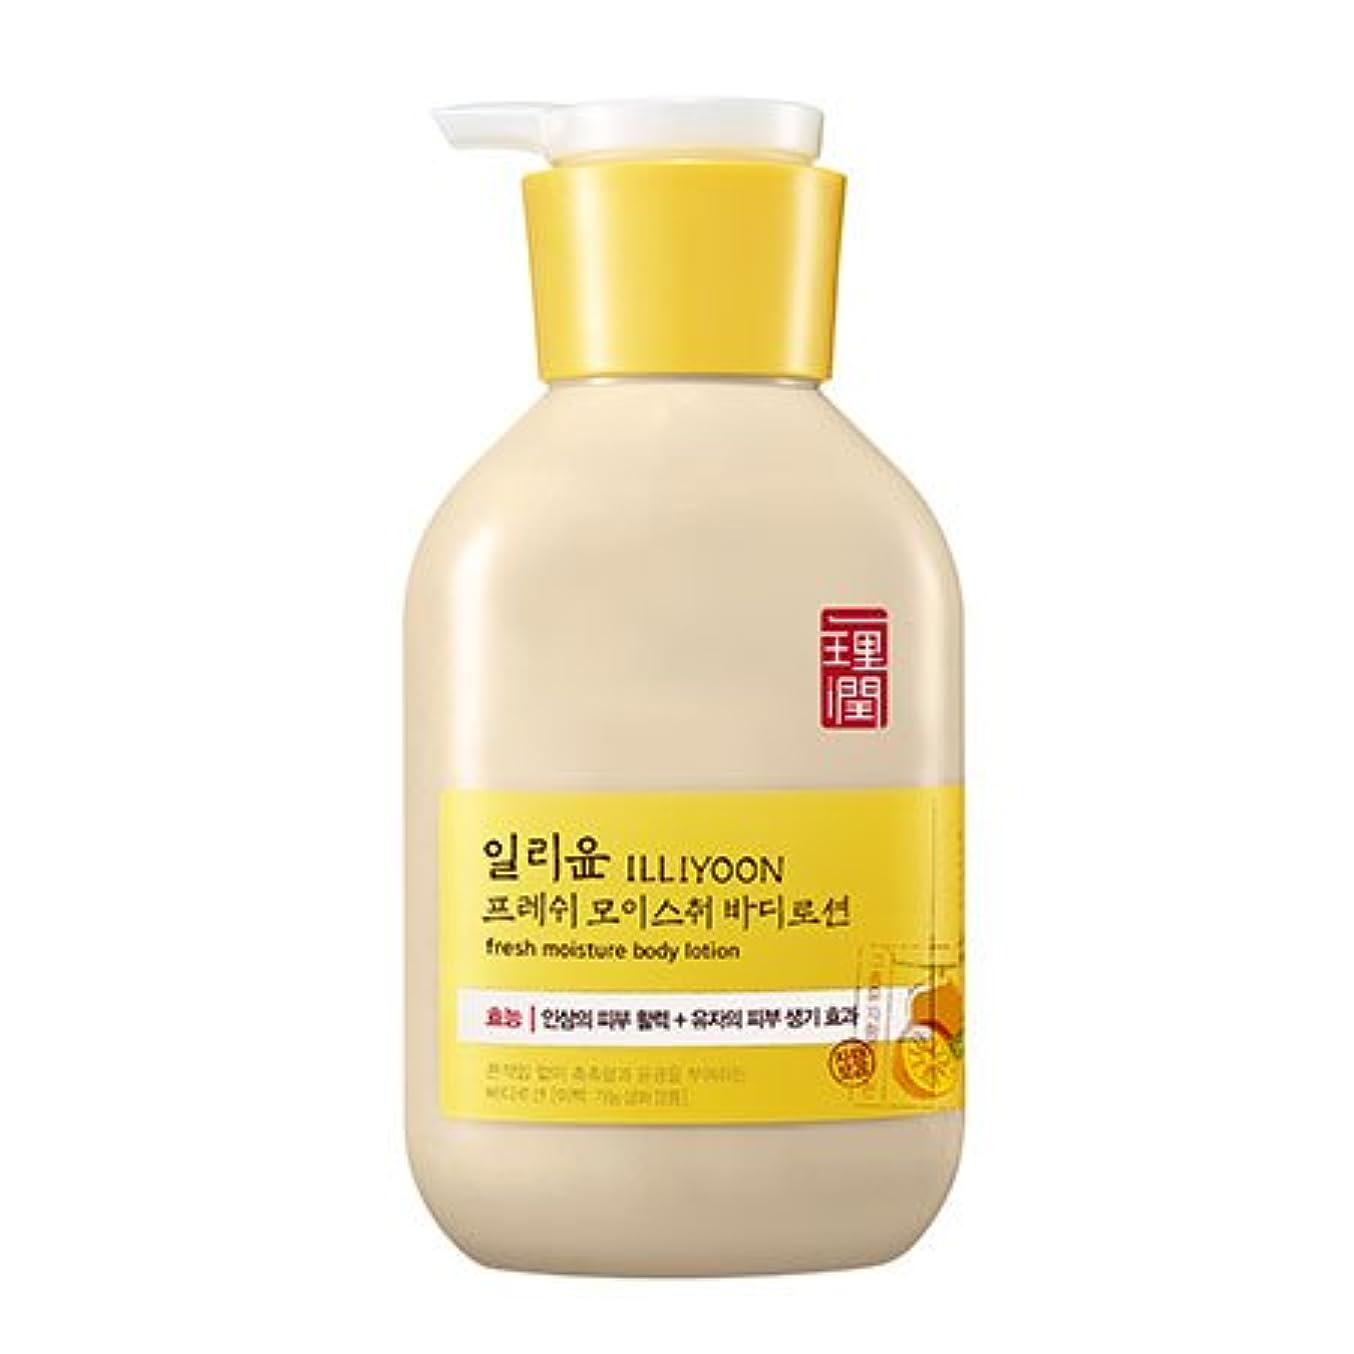 シットコム疑い件名ILLIYOON Fresh Moisture Body Lotion 350ml/イリーユン [アモーレパシフィック] フレッシュモイスチャー ボディローション [並行輸入品]